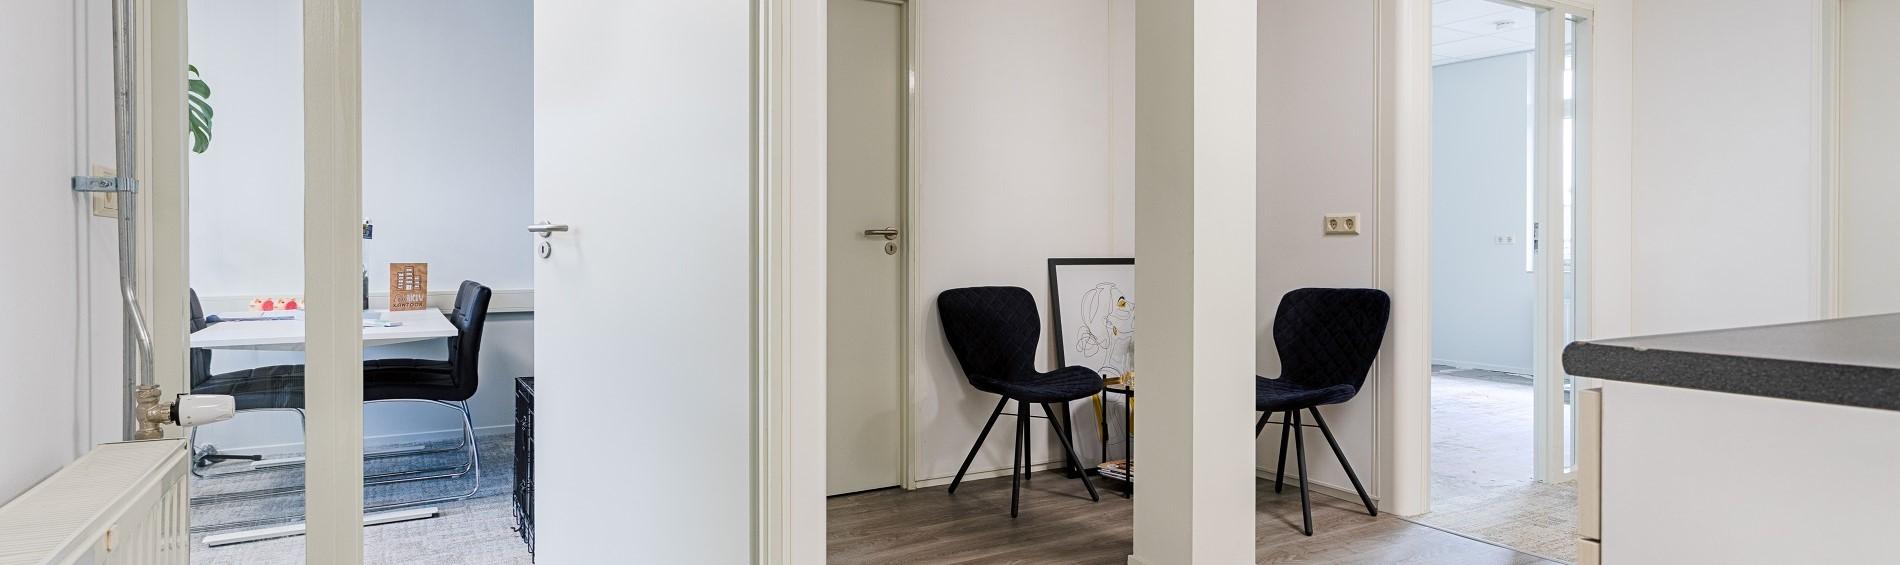 kantoor_3